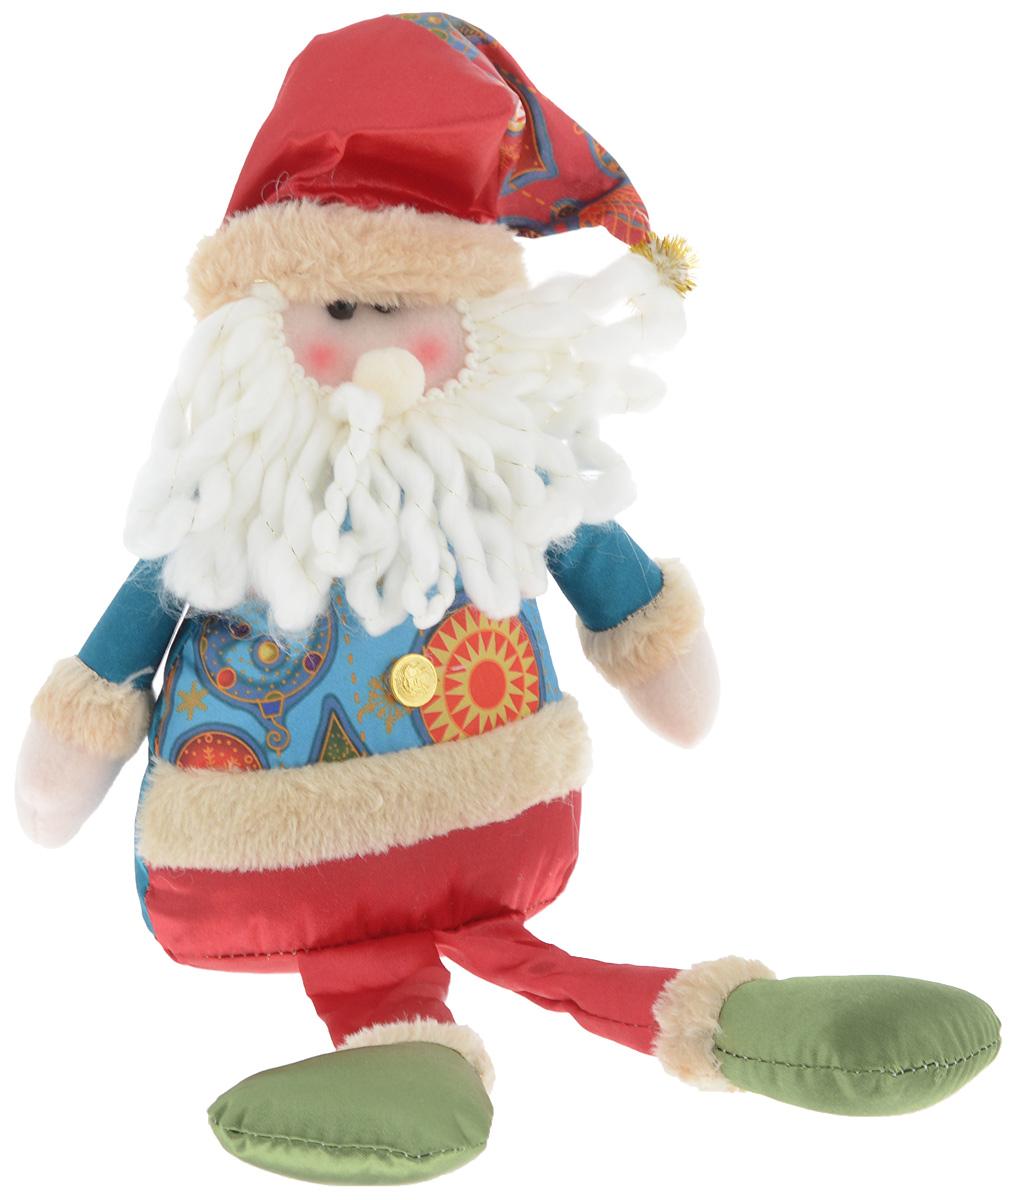 Украшение новогоднее декоративное Win Max Дед Мороз, 17,5 х 7 х 36 см175831_АУкрашение новогоднее декоративное Win Max Дед Мороз прекрасно подойдет для праздничного декора вашего дома. Изделие выполнено из текстиля с наполнителем из синтепона в виде забавного Деда Мороза. Для утяжеления и повышения устойчивости игрушки служит гранулят из полимера. Новогодние украшения несут в себе волшебство и красоту праздника. Они помогут вам украсить дом к предстоящим праздникам и оживить интерьер. Создайте в доме атмосферу тепла, веселья и радости, украшая его всей семьей.Кроме того, такая игрушка станет приятным подарком, который надолго сохранит память этого волшебного времени года.